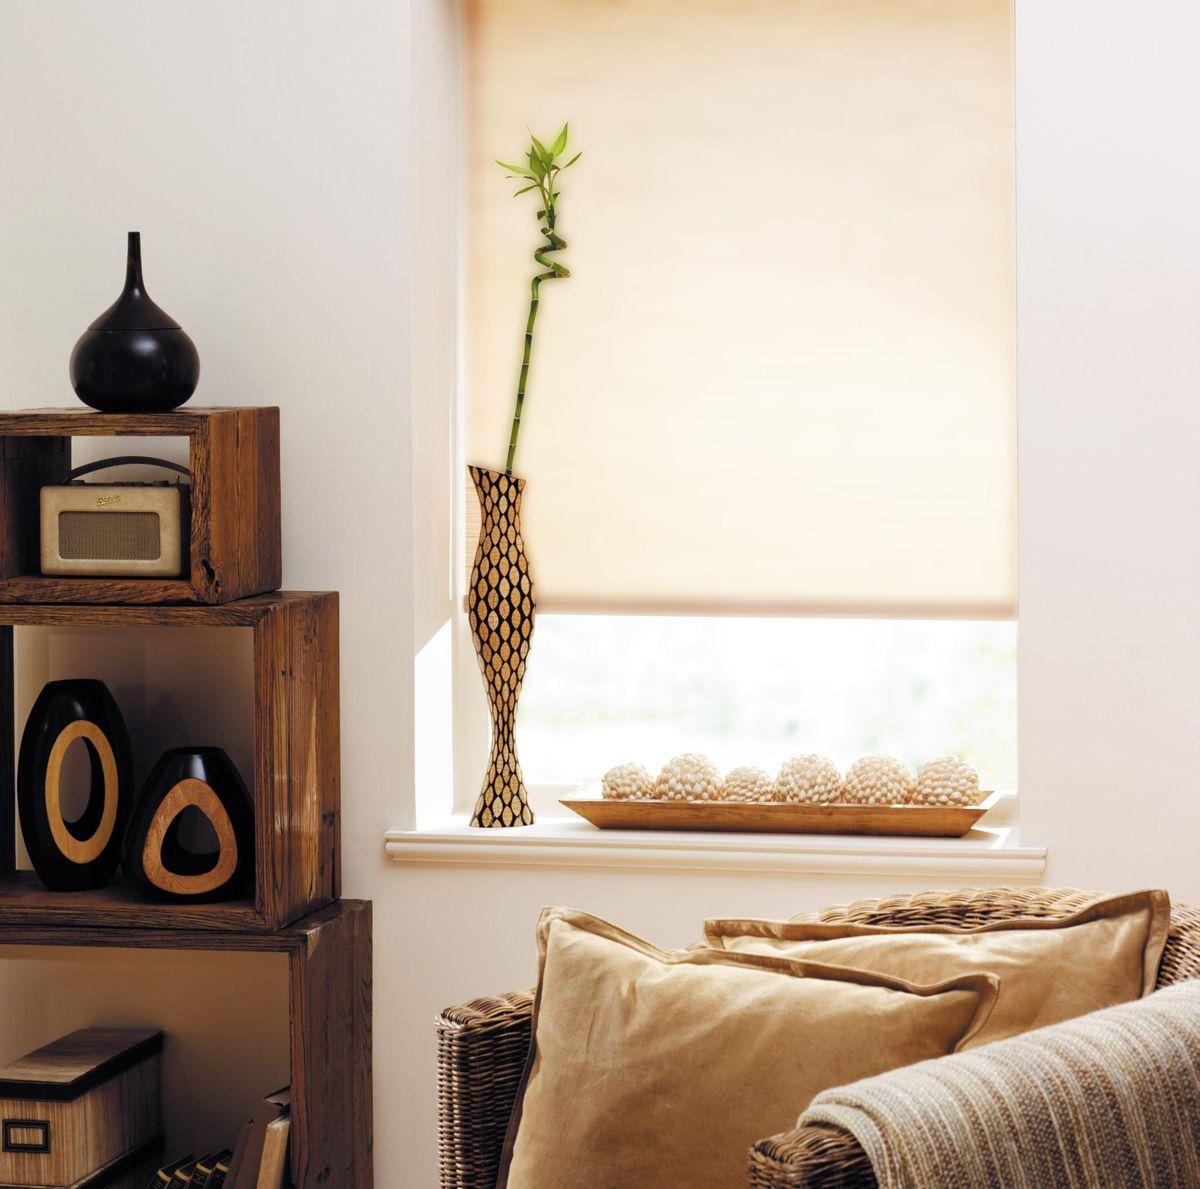 Штора рулонная Эскар, цвет: бежевый лен, ширина 120 см, высота 170 см80409120170Рулонными шторами можно оформлять окна как самостоятельно, так и использовать в комбинации с портьерами. Это поможет предотвратить выгорание дорогой ткани на солнце и соединит функционал рулонных с красотой навесных. Преимущества применения рулонных штор для пластиковых окон: - имеют прекрасный внешний вид: многообразие и фактурность материала изделия отлично смотрятся в любом интерьере; - многофункциональны: есть возможность подобрать шторы способные эффективно защитить комнату от солнца, при этом она не будет слишком темной. - Есть возможность осуществить быстрый монтаж. ВНИМАНИЕ! Размеры ширины изделия указаны по ширине ткани! Во время эксплуатации не рекомендуется полностью разматывать рулон, чтобы не оторвать ткань от намоточного вала. В случае загрязнения поверхности ткани, чистку шторы проводят одним из способов, в зависимости от типа загрязнения: легкое поверхностное загрязнение можно удалить при помощи канцелярского ластика; чистка от пыли производится сухим методом при...